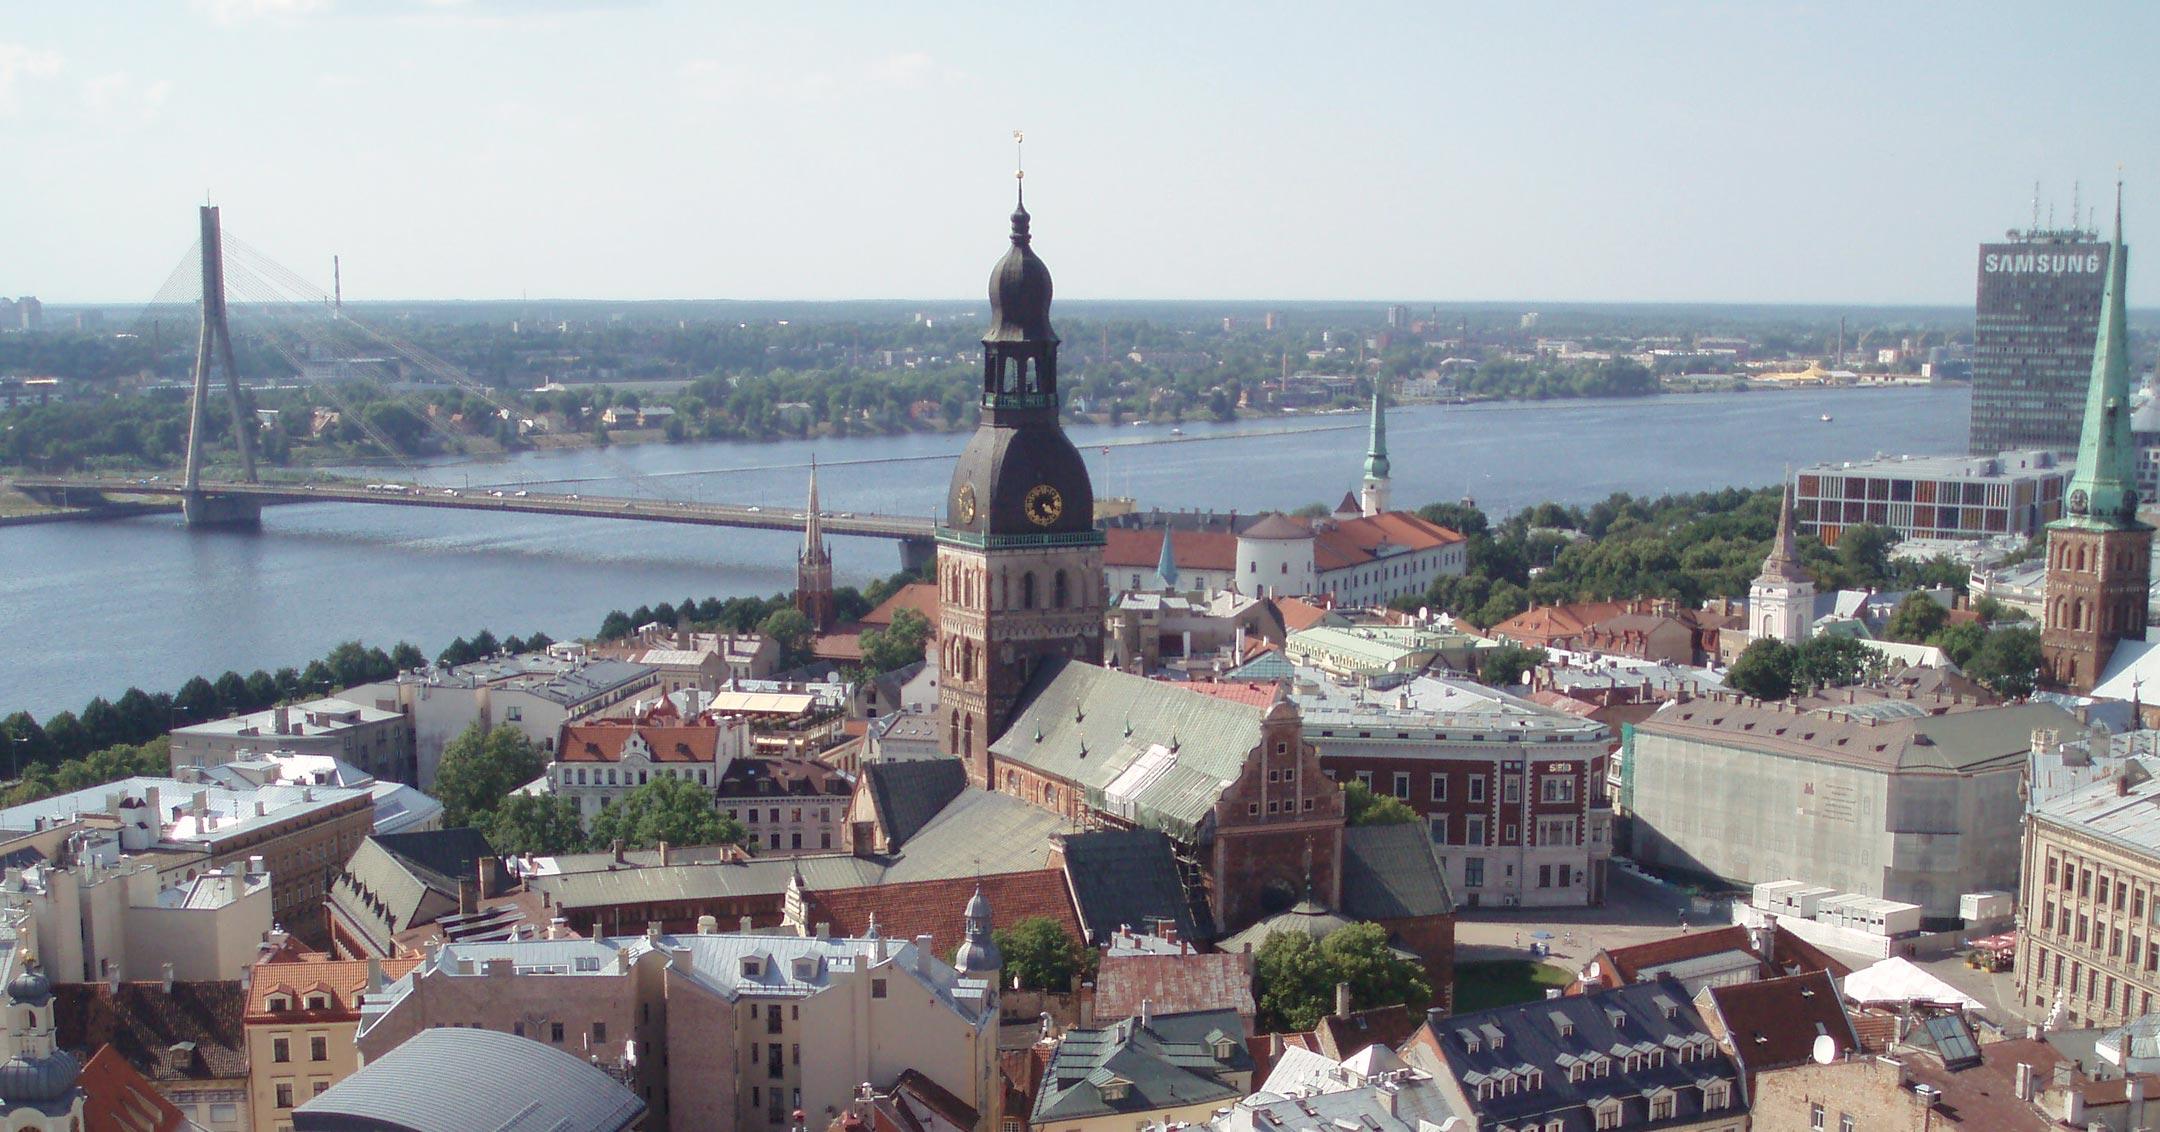 Luftfracht Hubschrauber Lettland